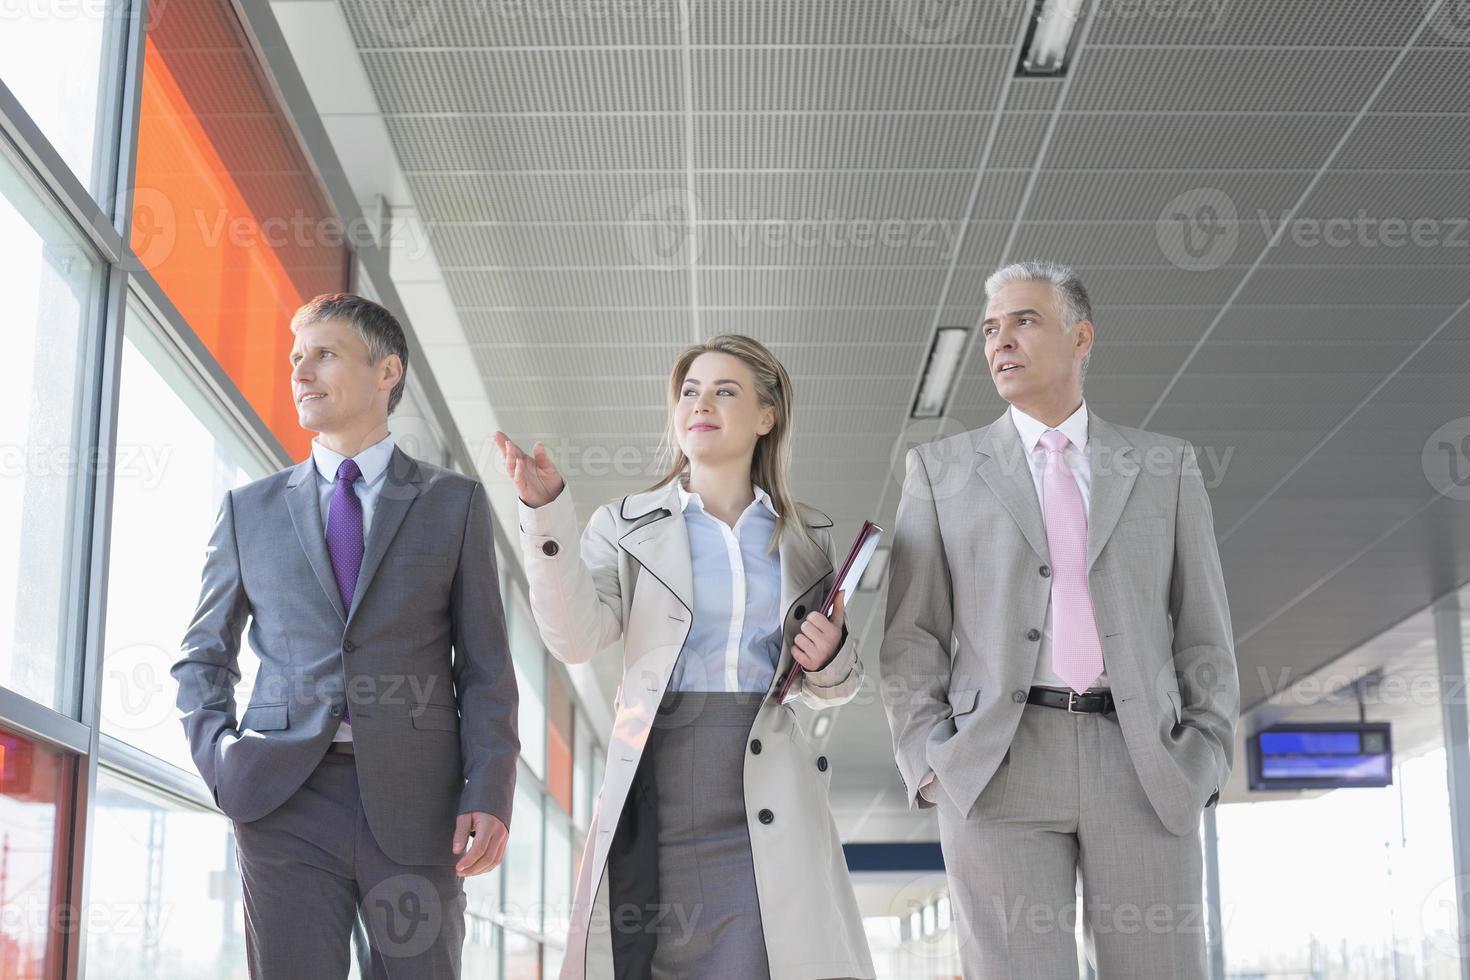 pessoas de negócios, discutindo enquanto caminhava na plataforma de trem foto